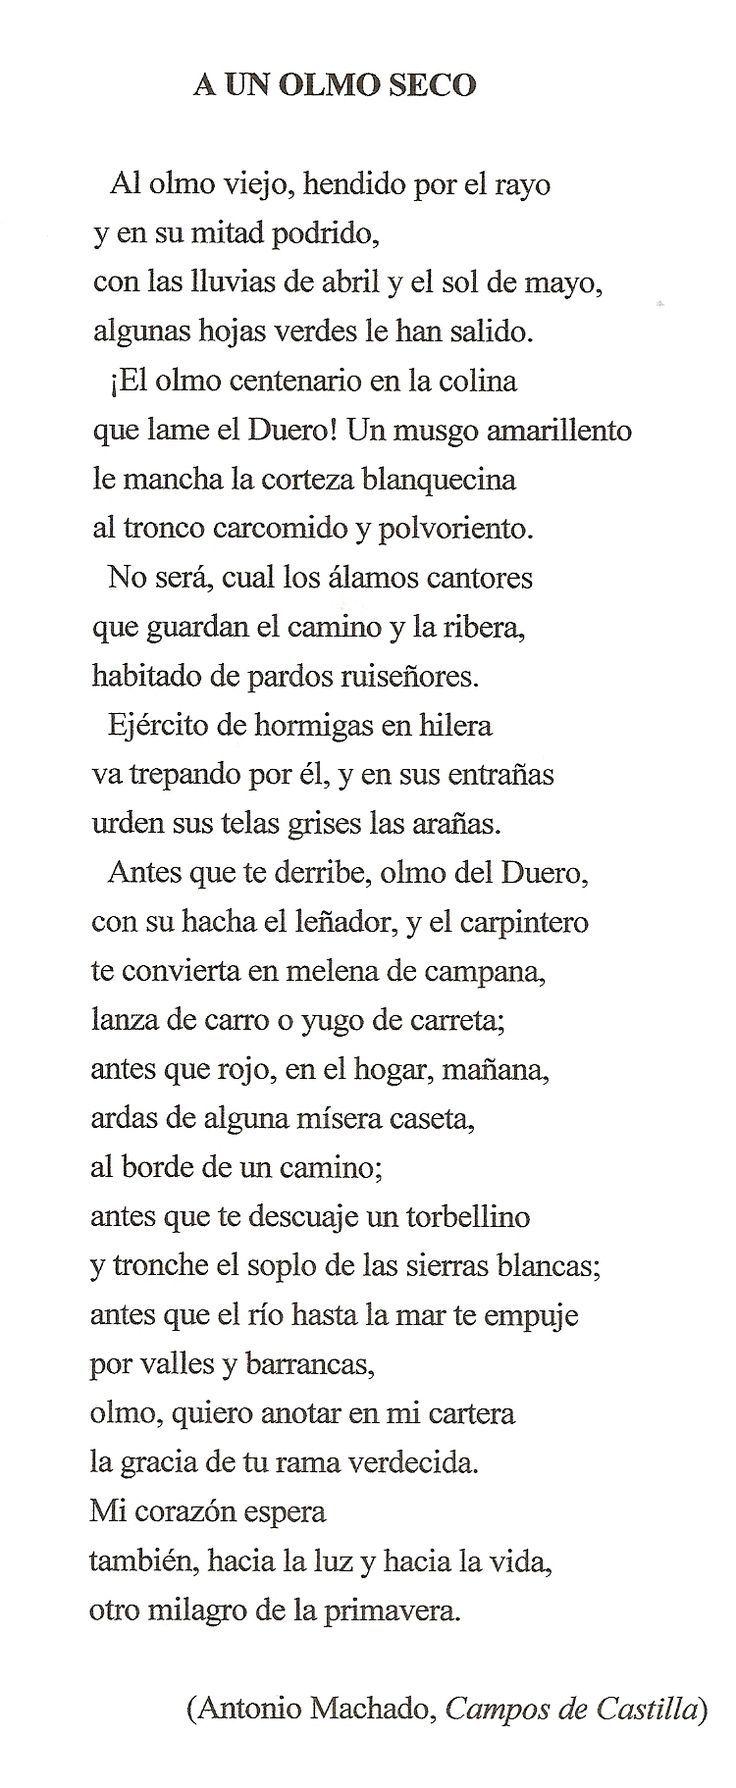 A Un Olmo Seco Es Un Poema Que Pertenece Al Libro Campos